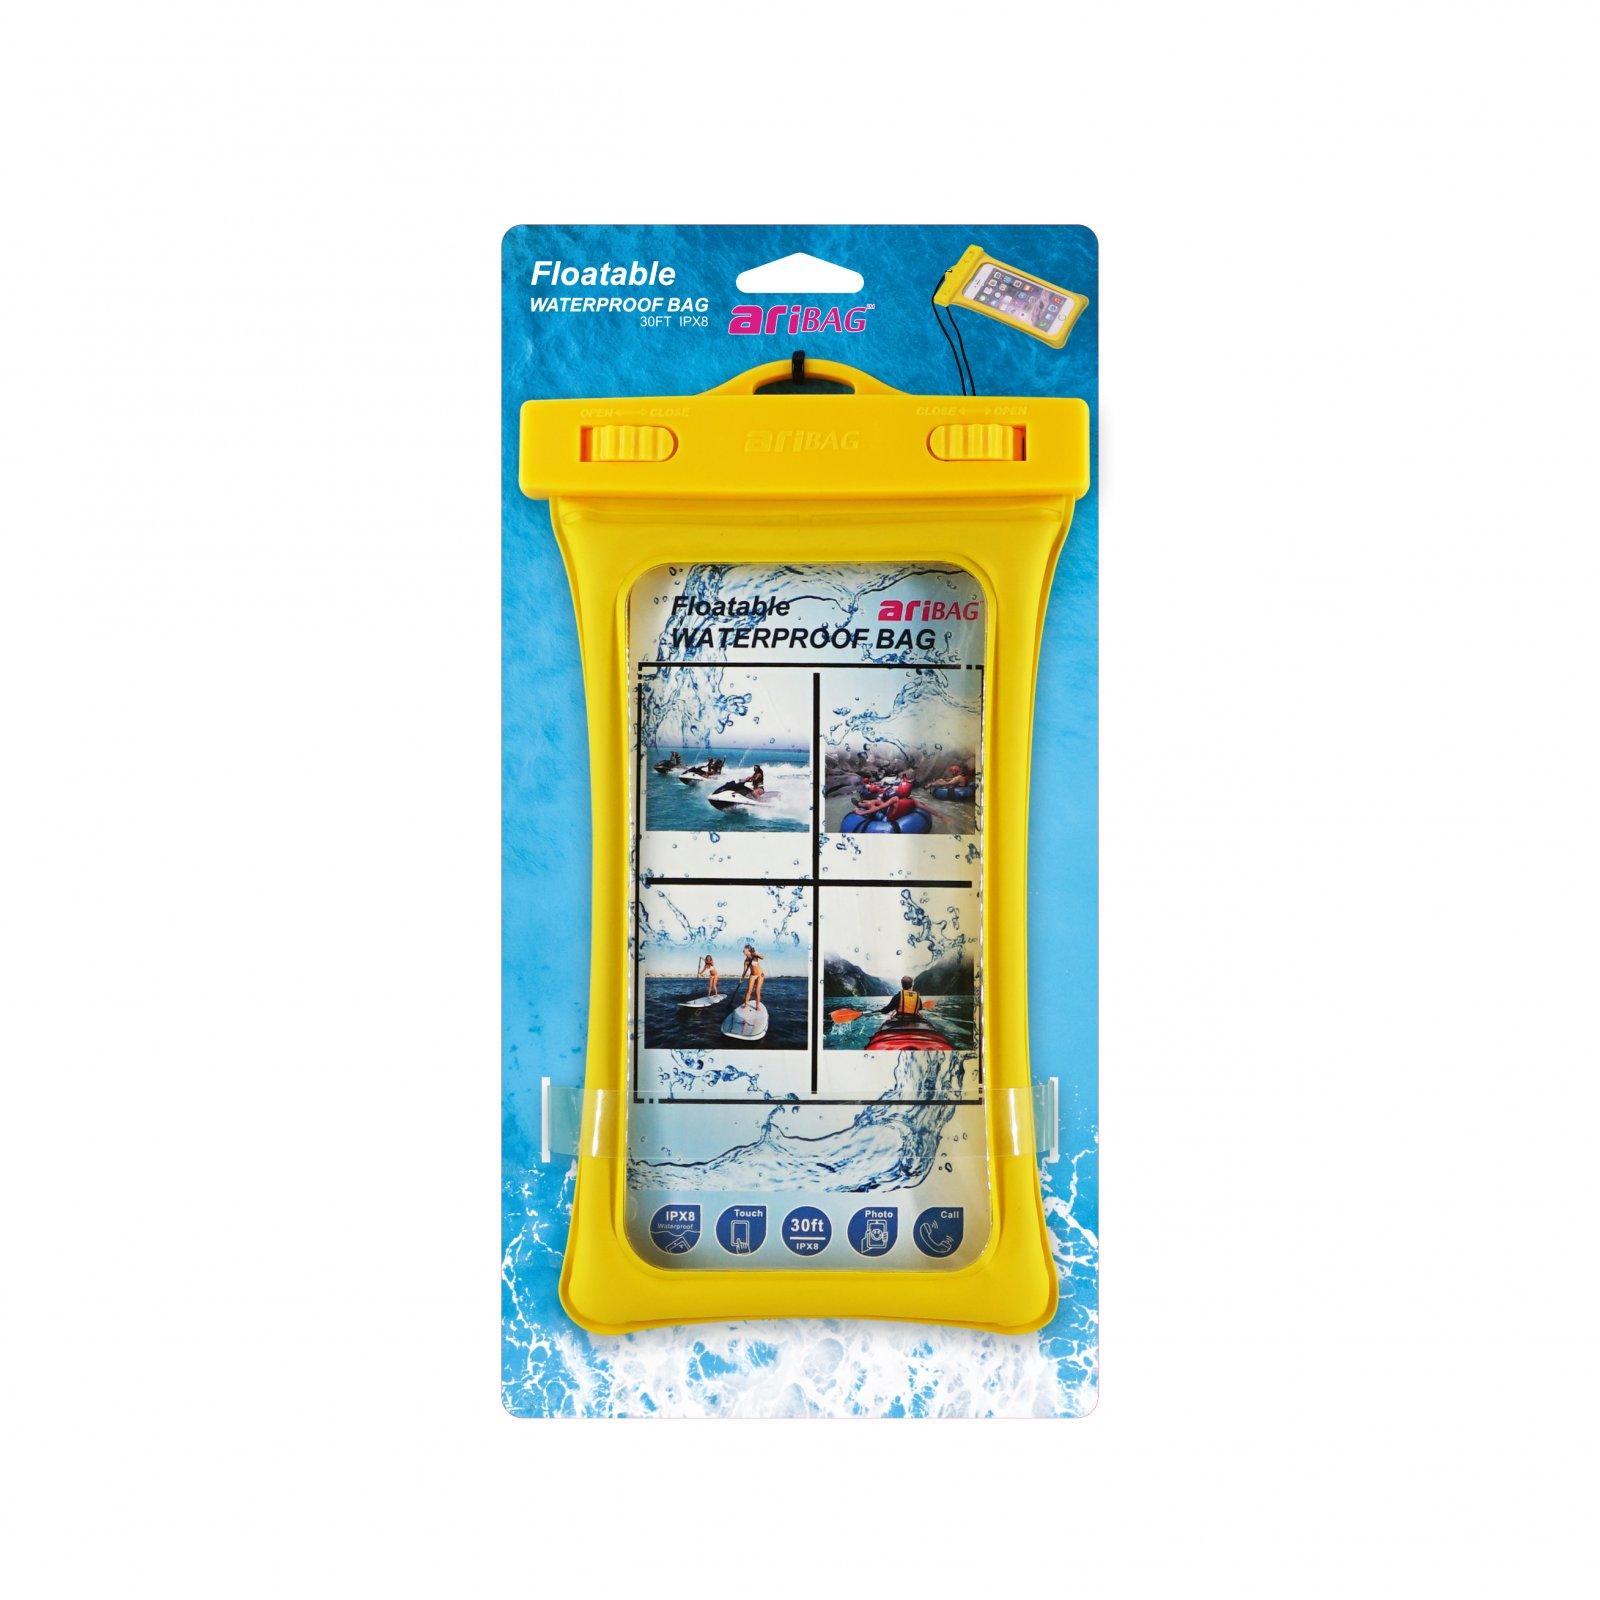 Aryca Airbag Floatable Waterproof Bag for Phones